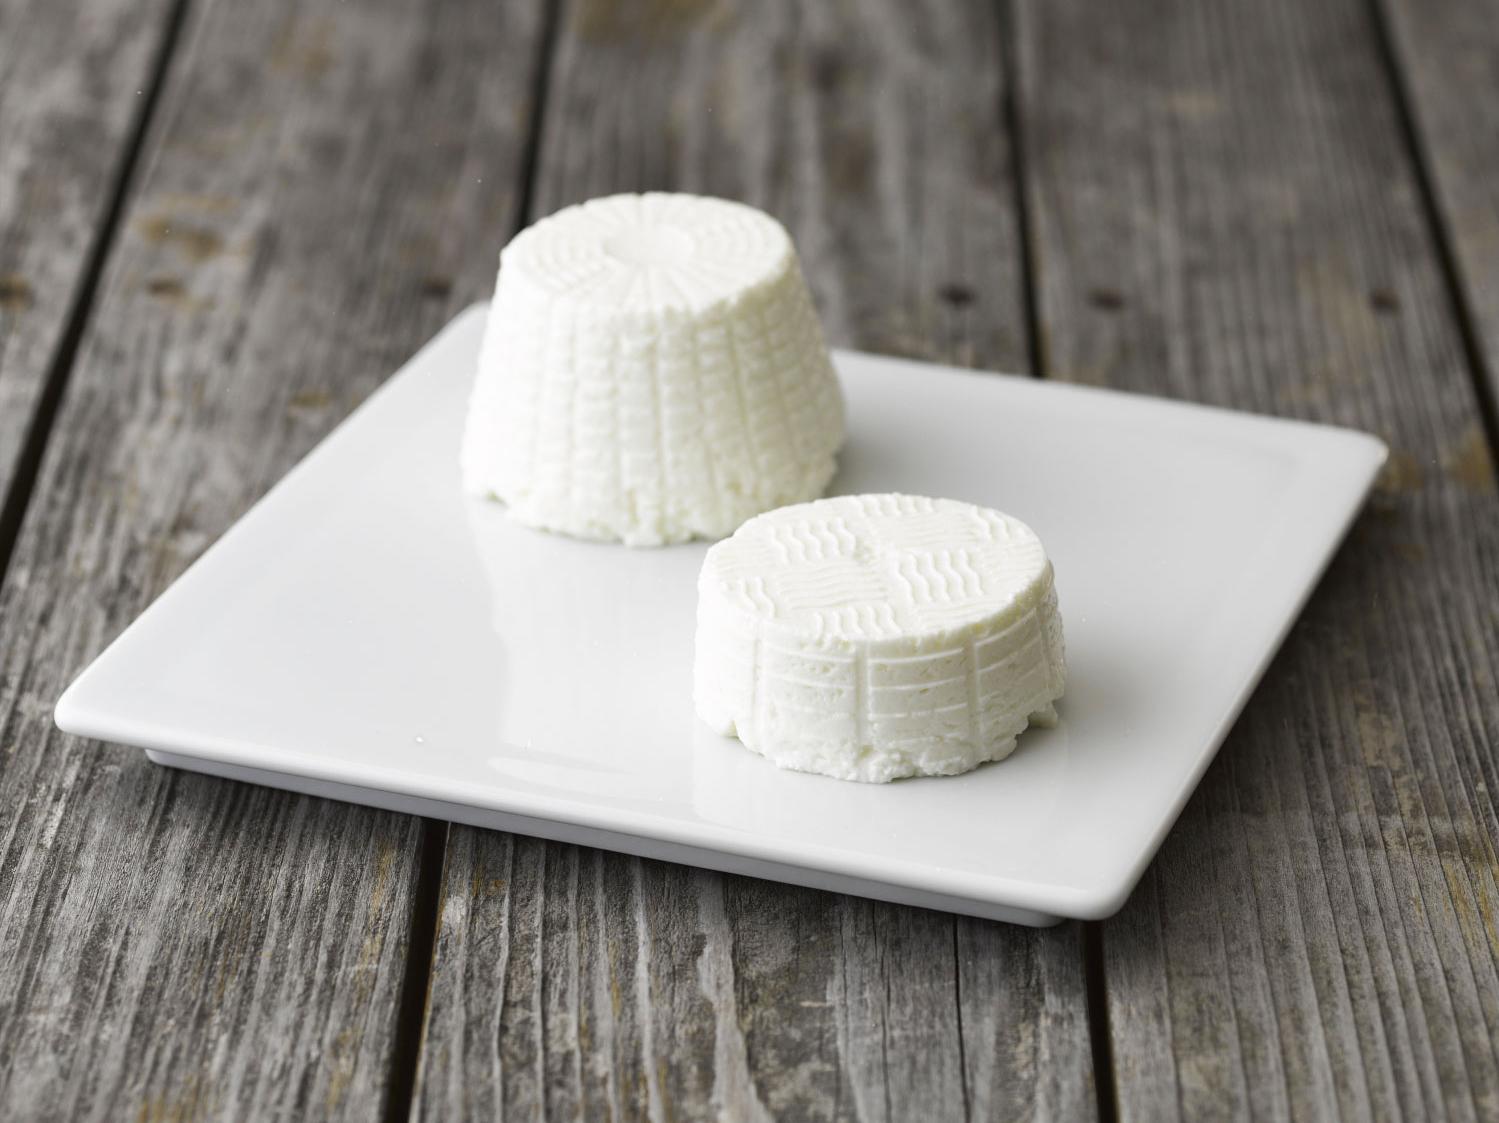 カワバチーズ4種詰合せセットの商品詳細イメージ-1386